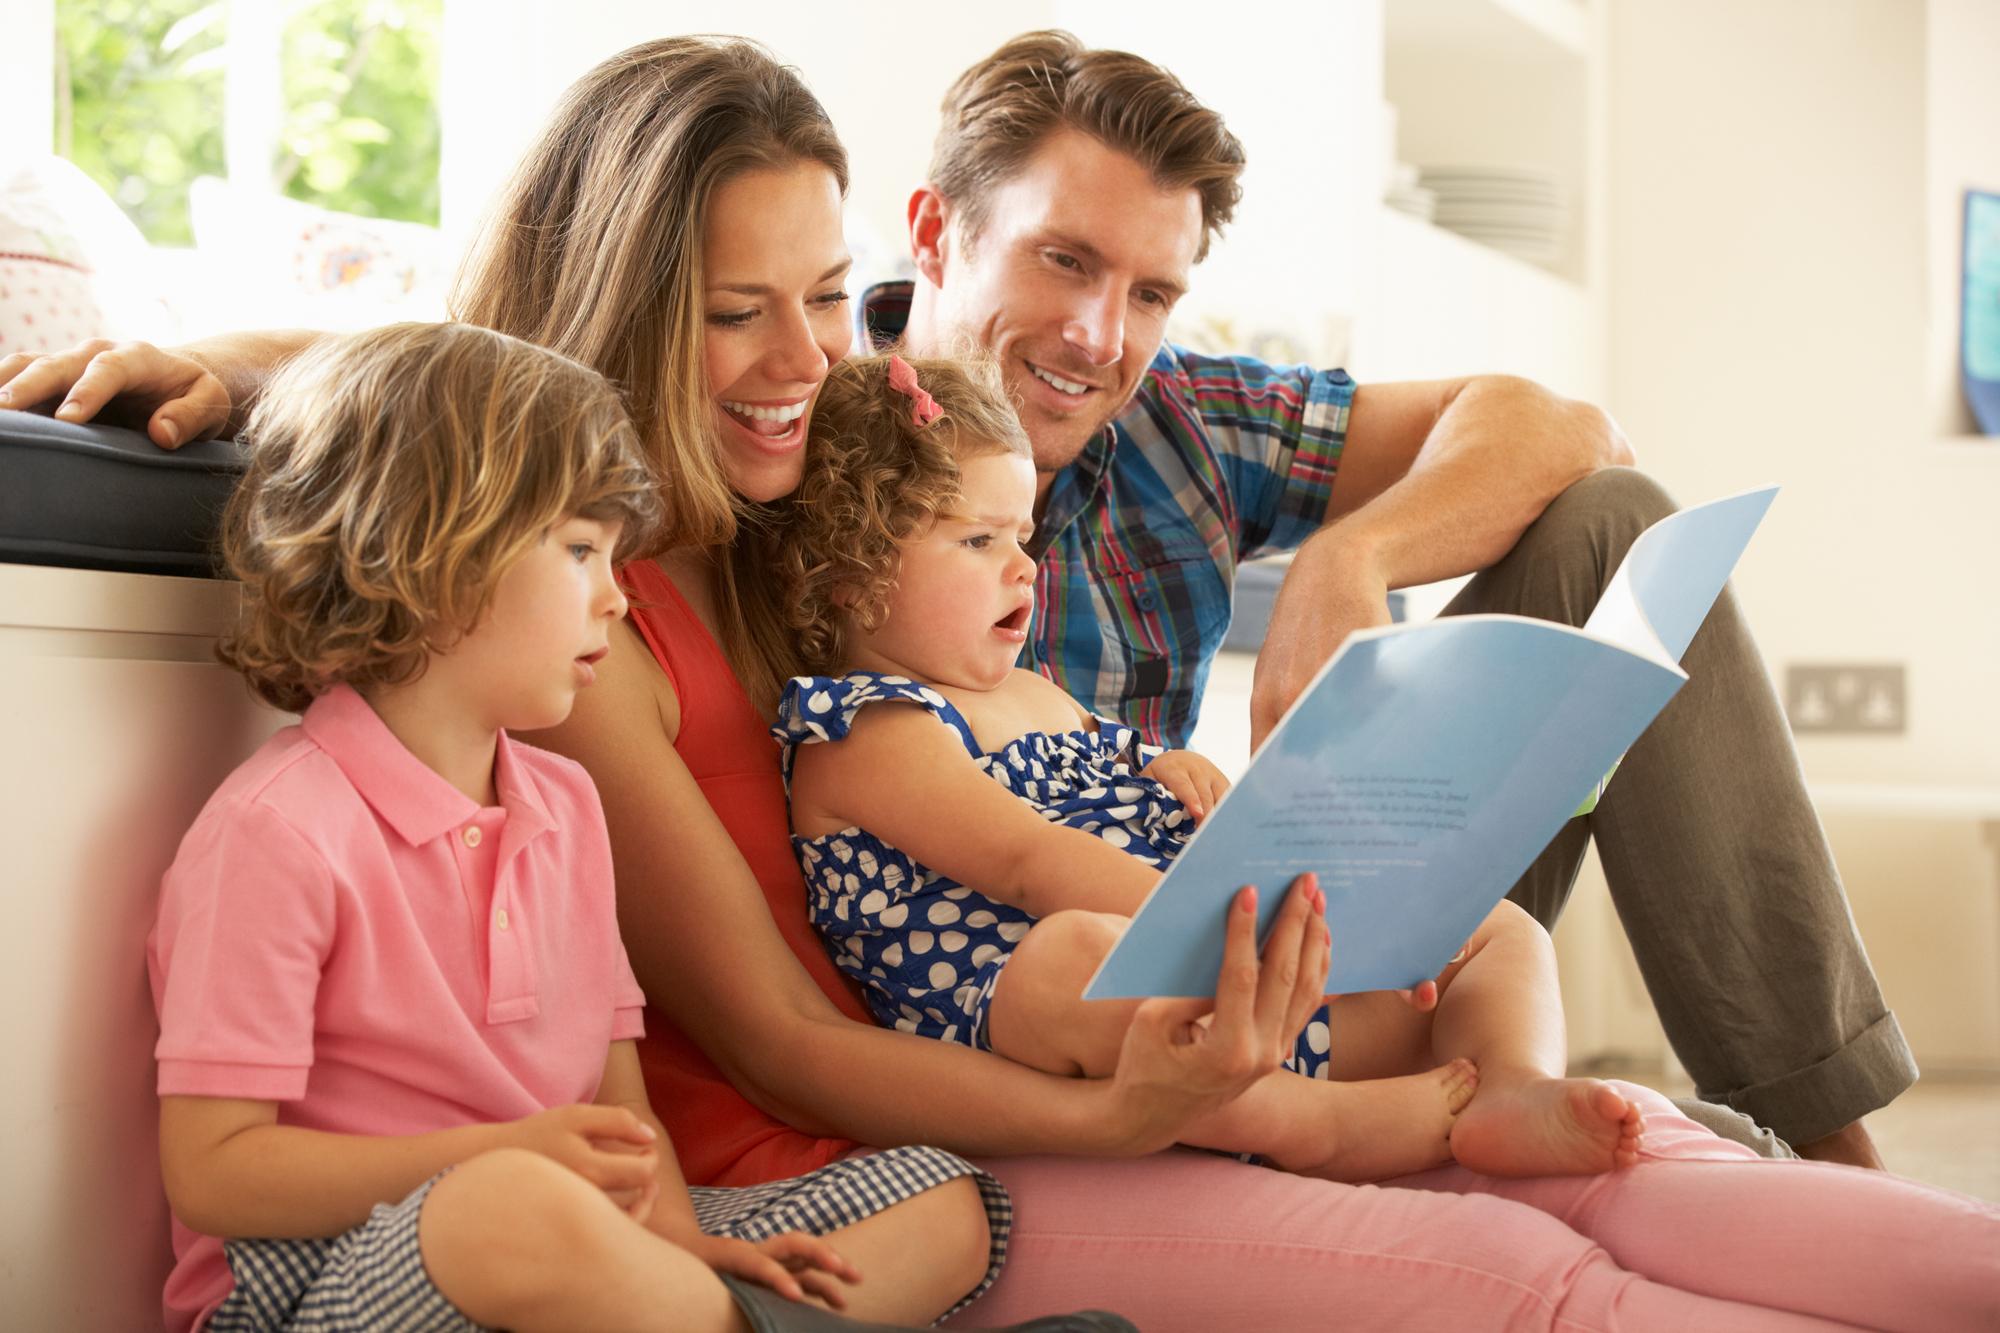 Familie mit zwei Kindern beim Lesen eines Kinderbuches